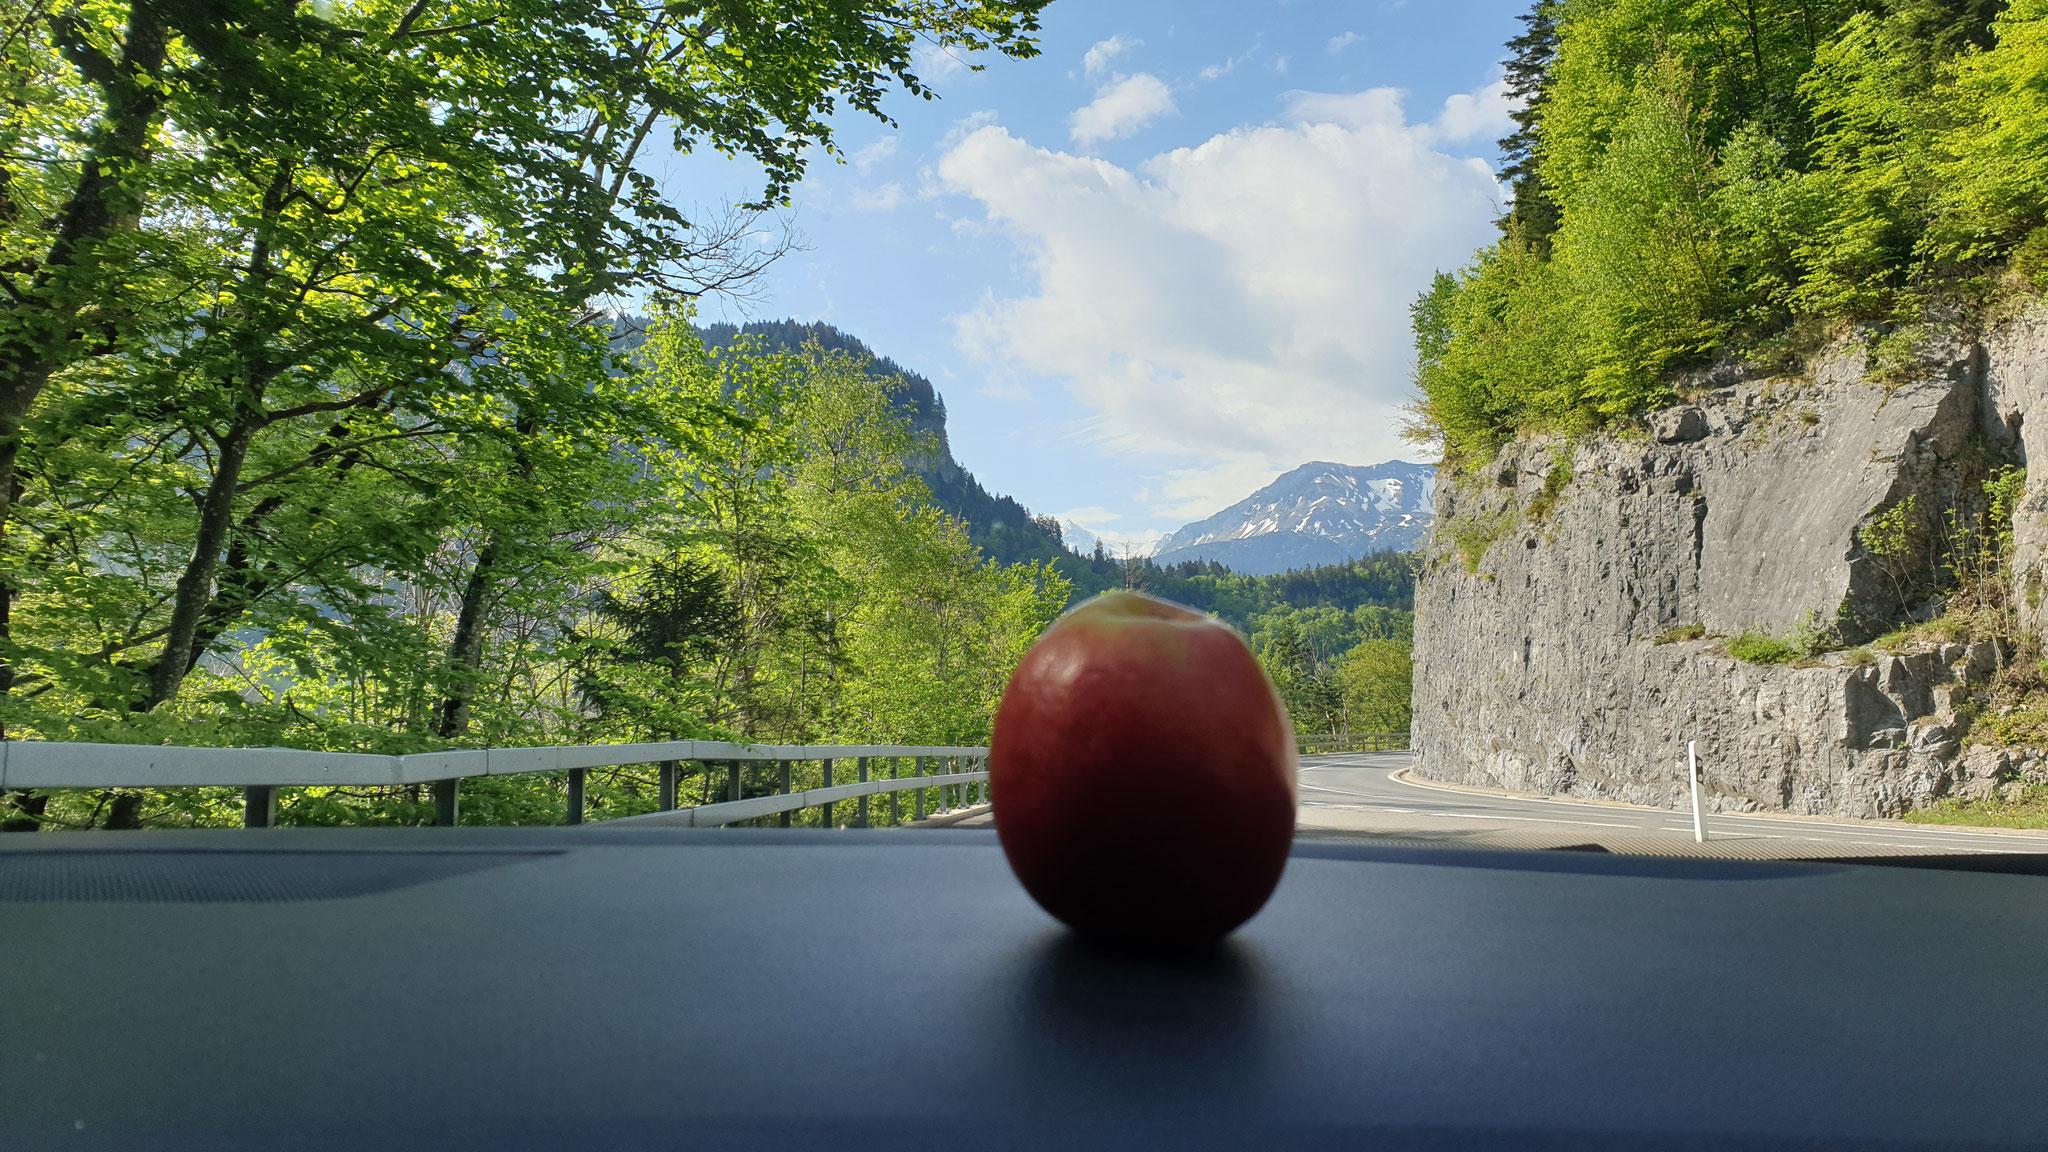 Im PKW: Der Apfel fällt nicht weit vom Armaturenbrett